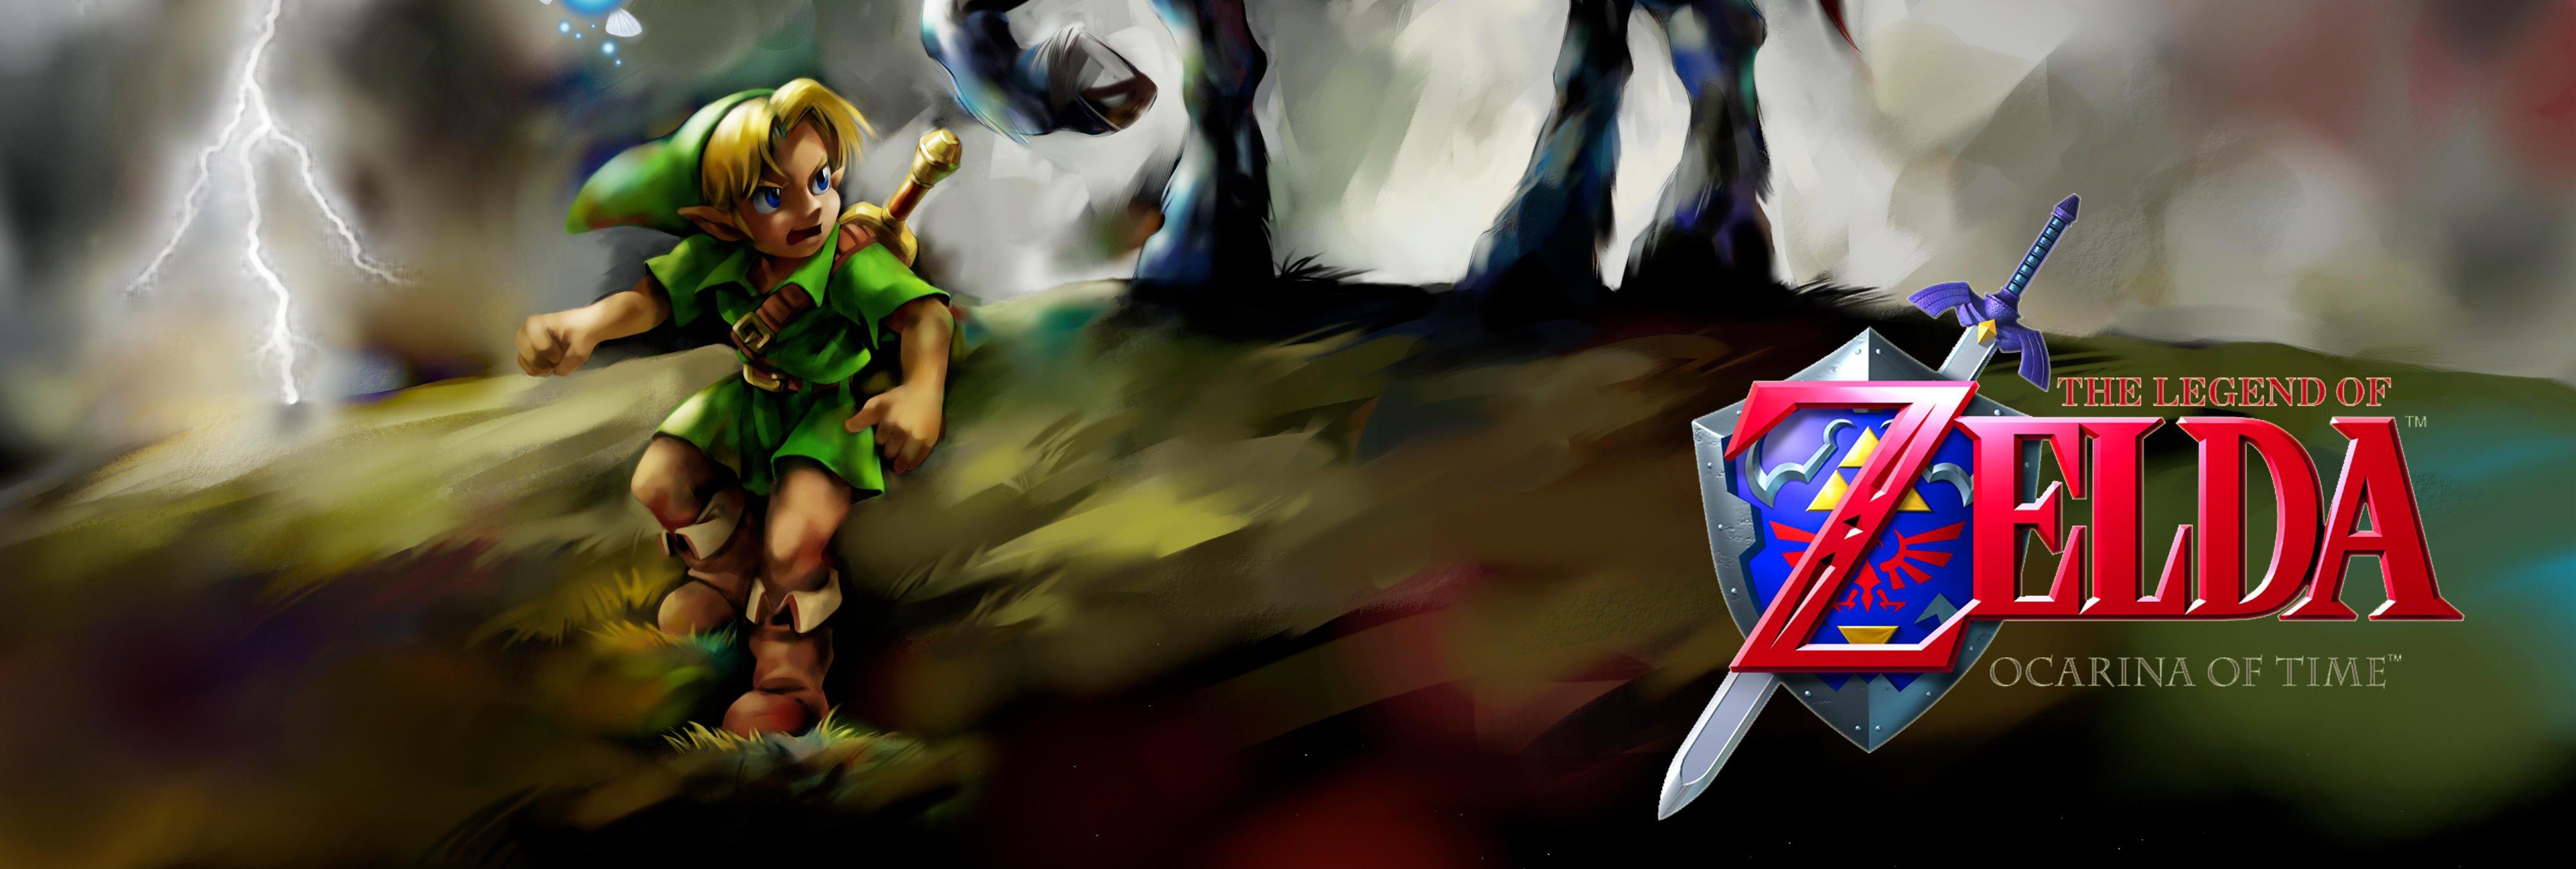 Por qué 'The Legend of Zelda: Ocarina of Time' es el mejor juego del mundo